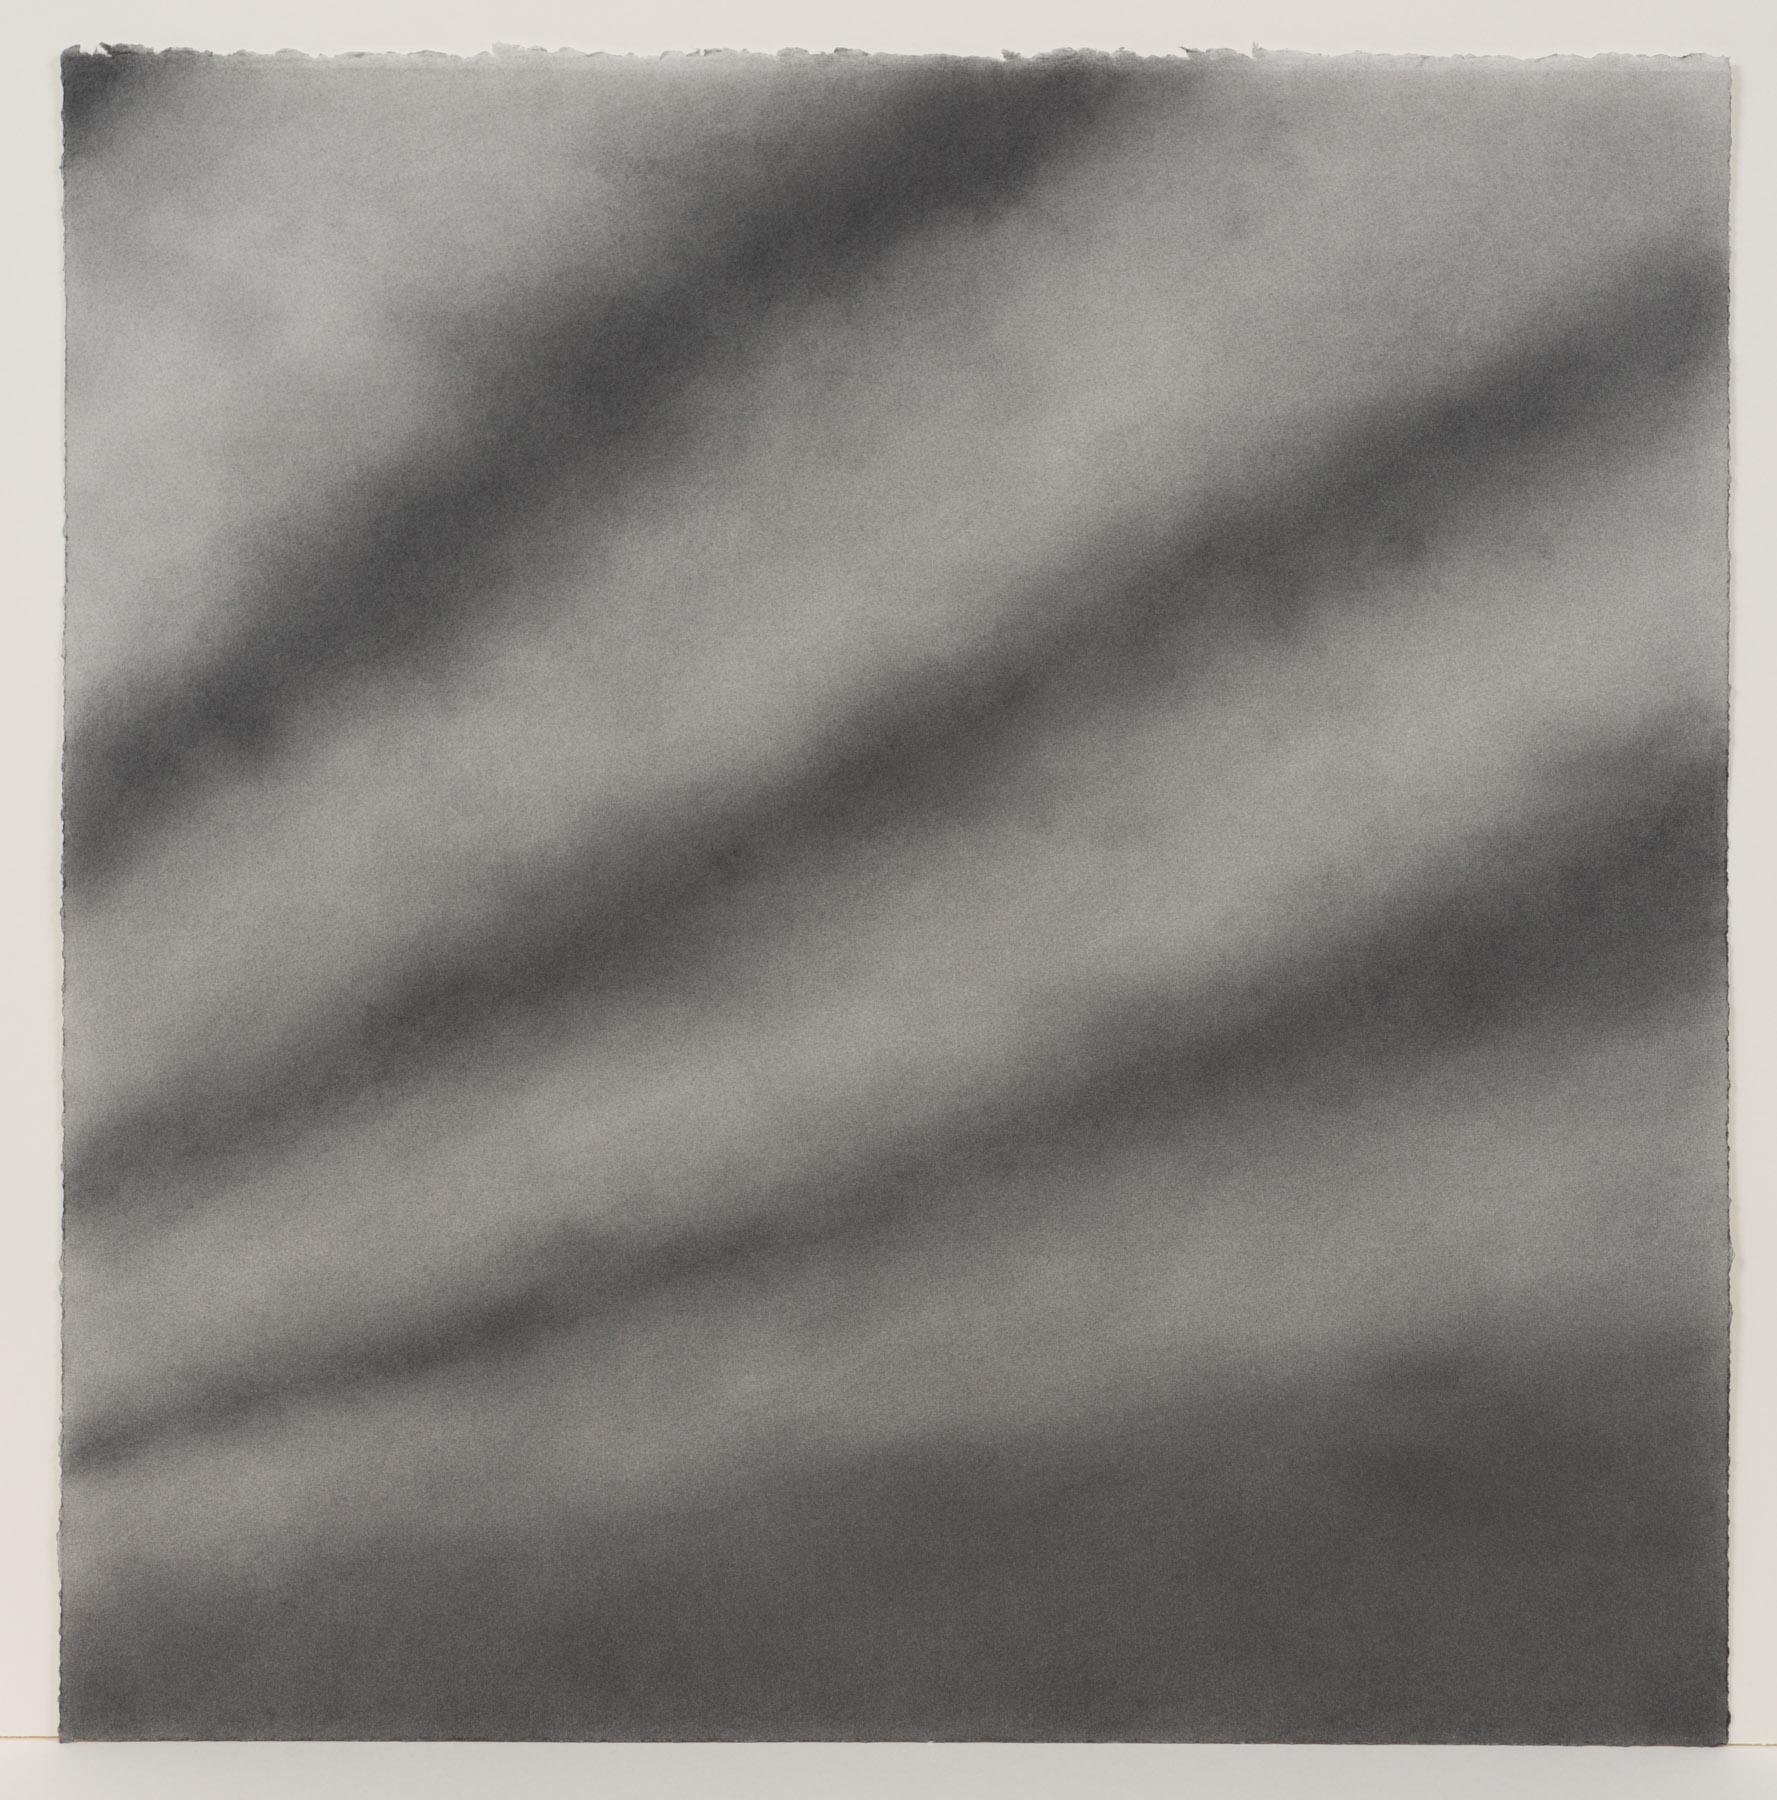 """Andréanne Godin,  #04 : History of a Landscape (Variation VI),  from the series  Descriptions de paysages , 2015, graphite powder on Arches paper, 24"""" x 24"""" (61 x 61 cm)"""